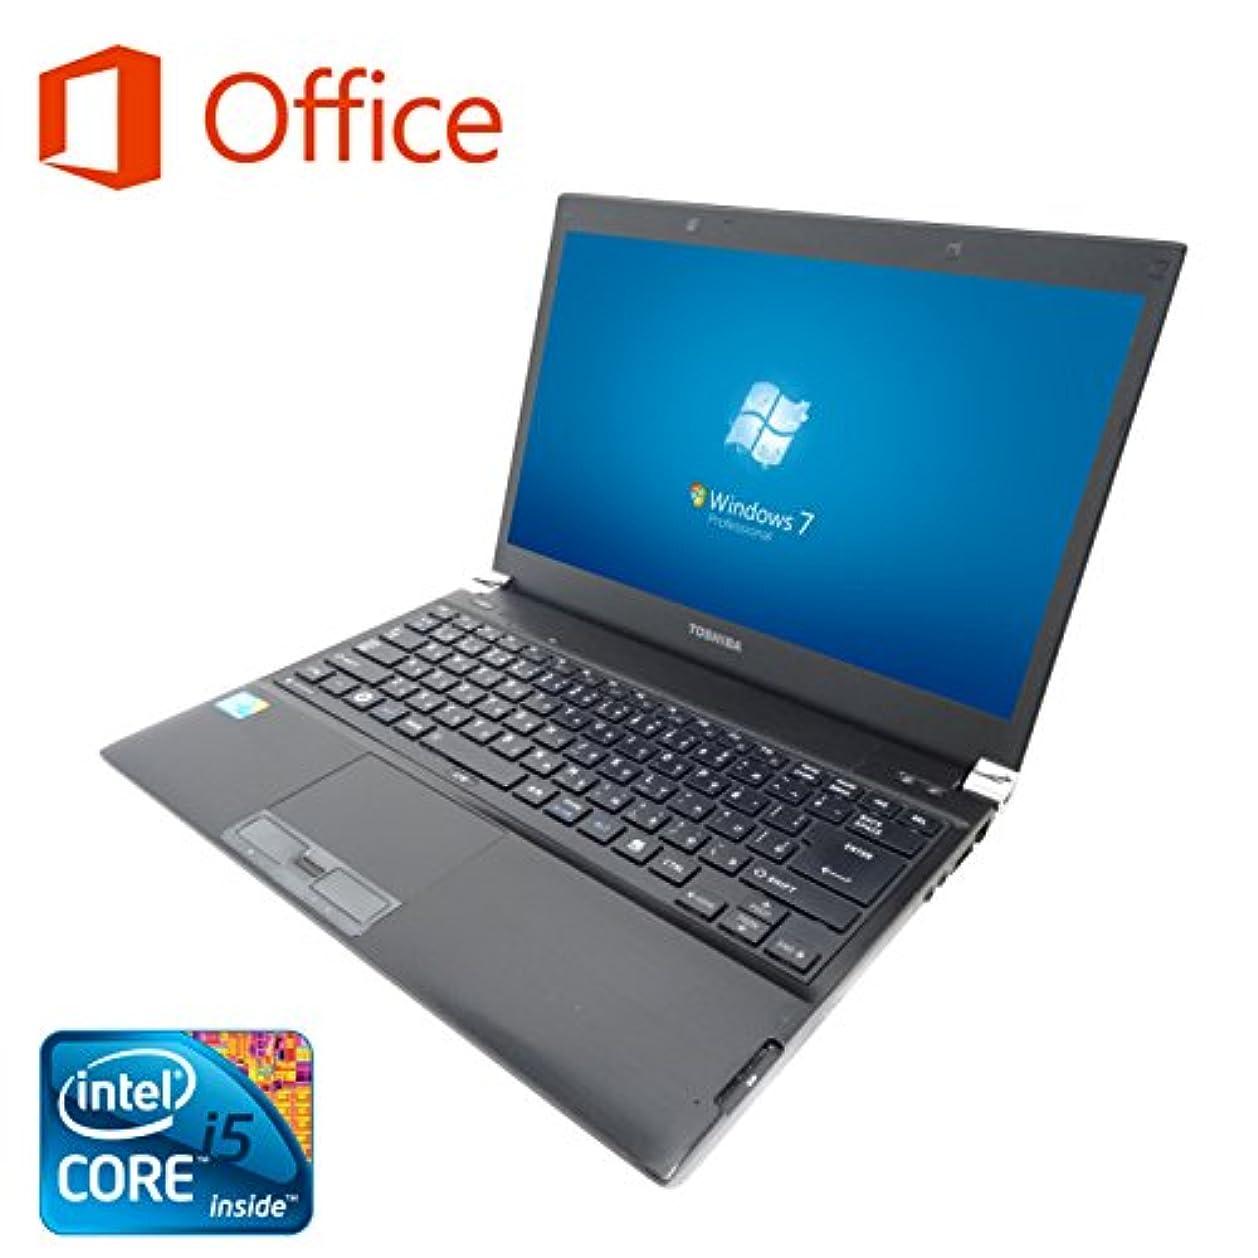 地下コーンぶどう【Microsoft Office 2016搭載】【Win 7搭載】TOSHIBA RX3/新世代Core i5 2.66GHz/メモリ4GB/SSD 128GB/新品外付けDVDスーパーマルチ/13インチ/無線LAN搭載/中古ノートパソコン/